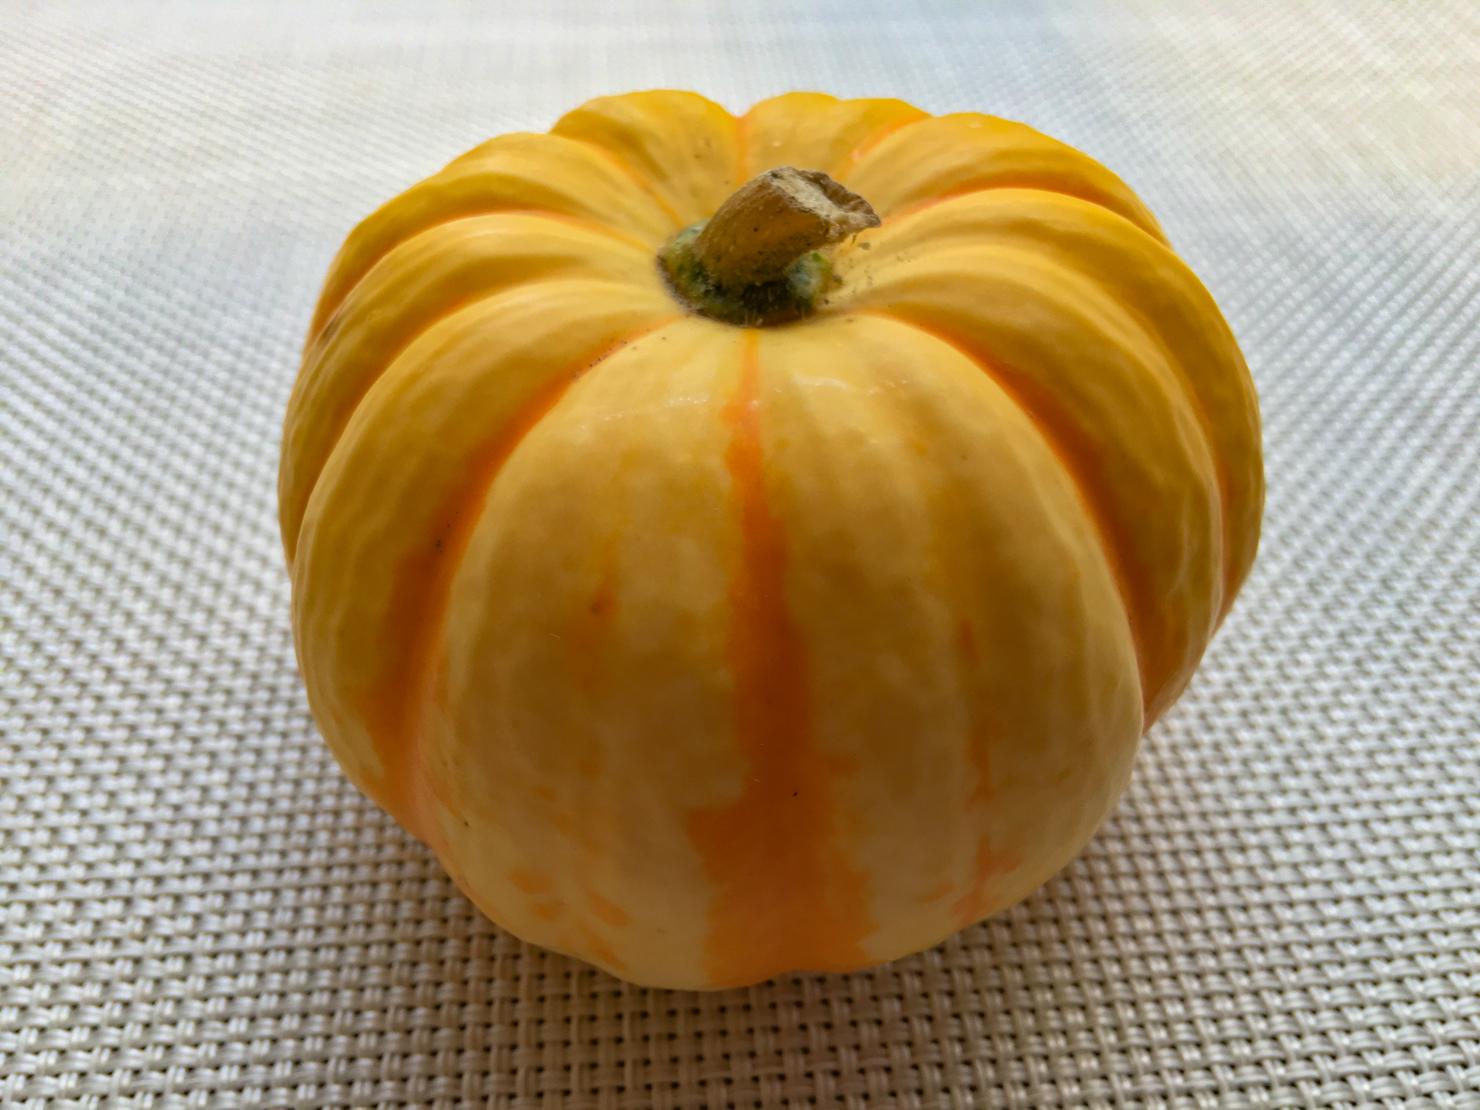 バターナッツかぼちゃの写真